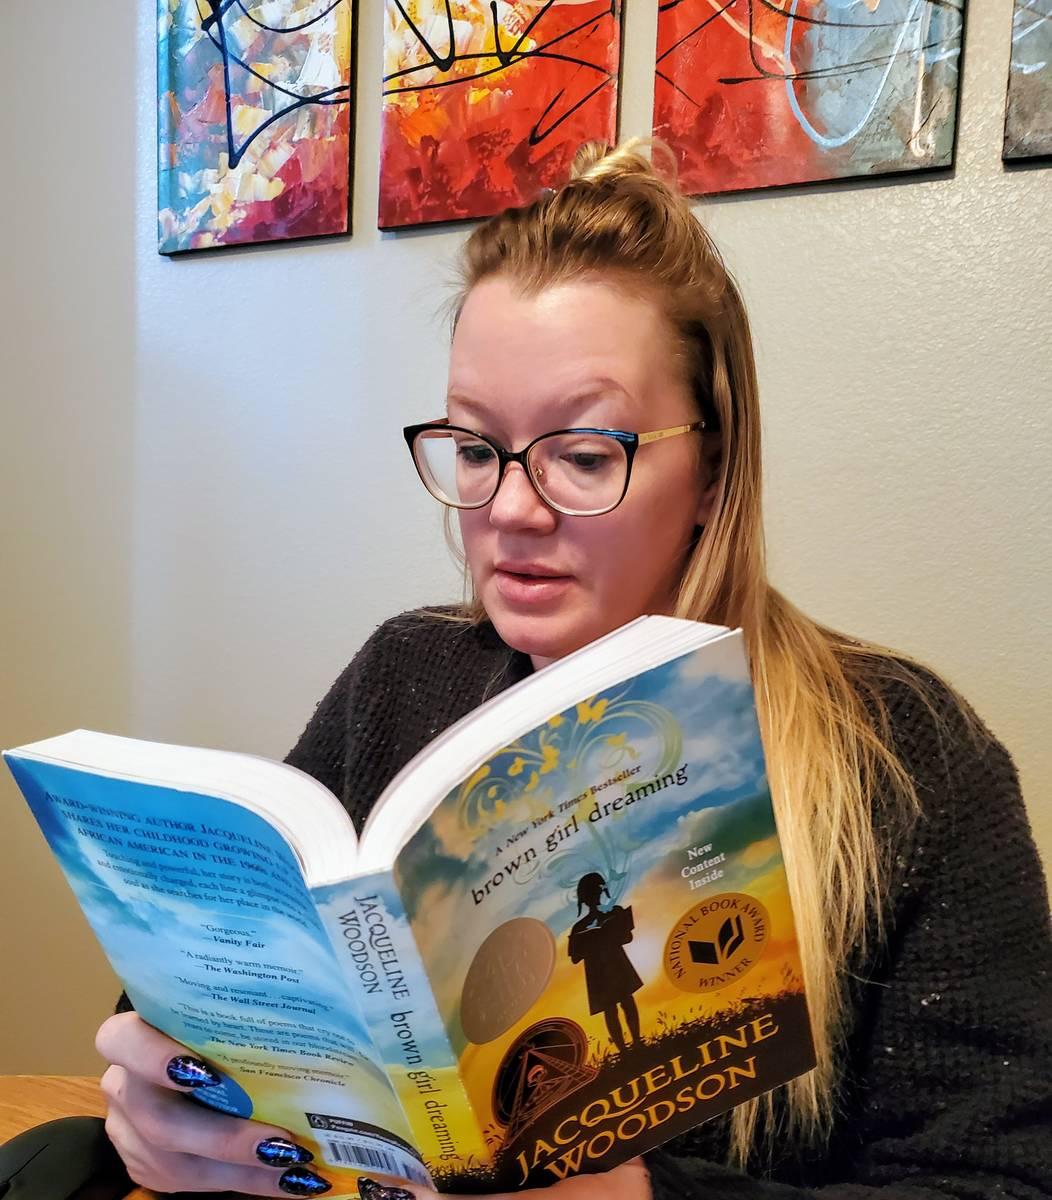 Ashley Price, profesora de Monaco Middle School Las Vegas, lee uno de los libros que solicitó ...